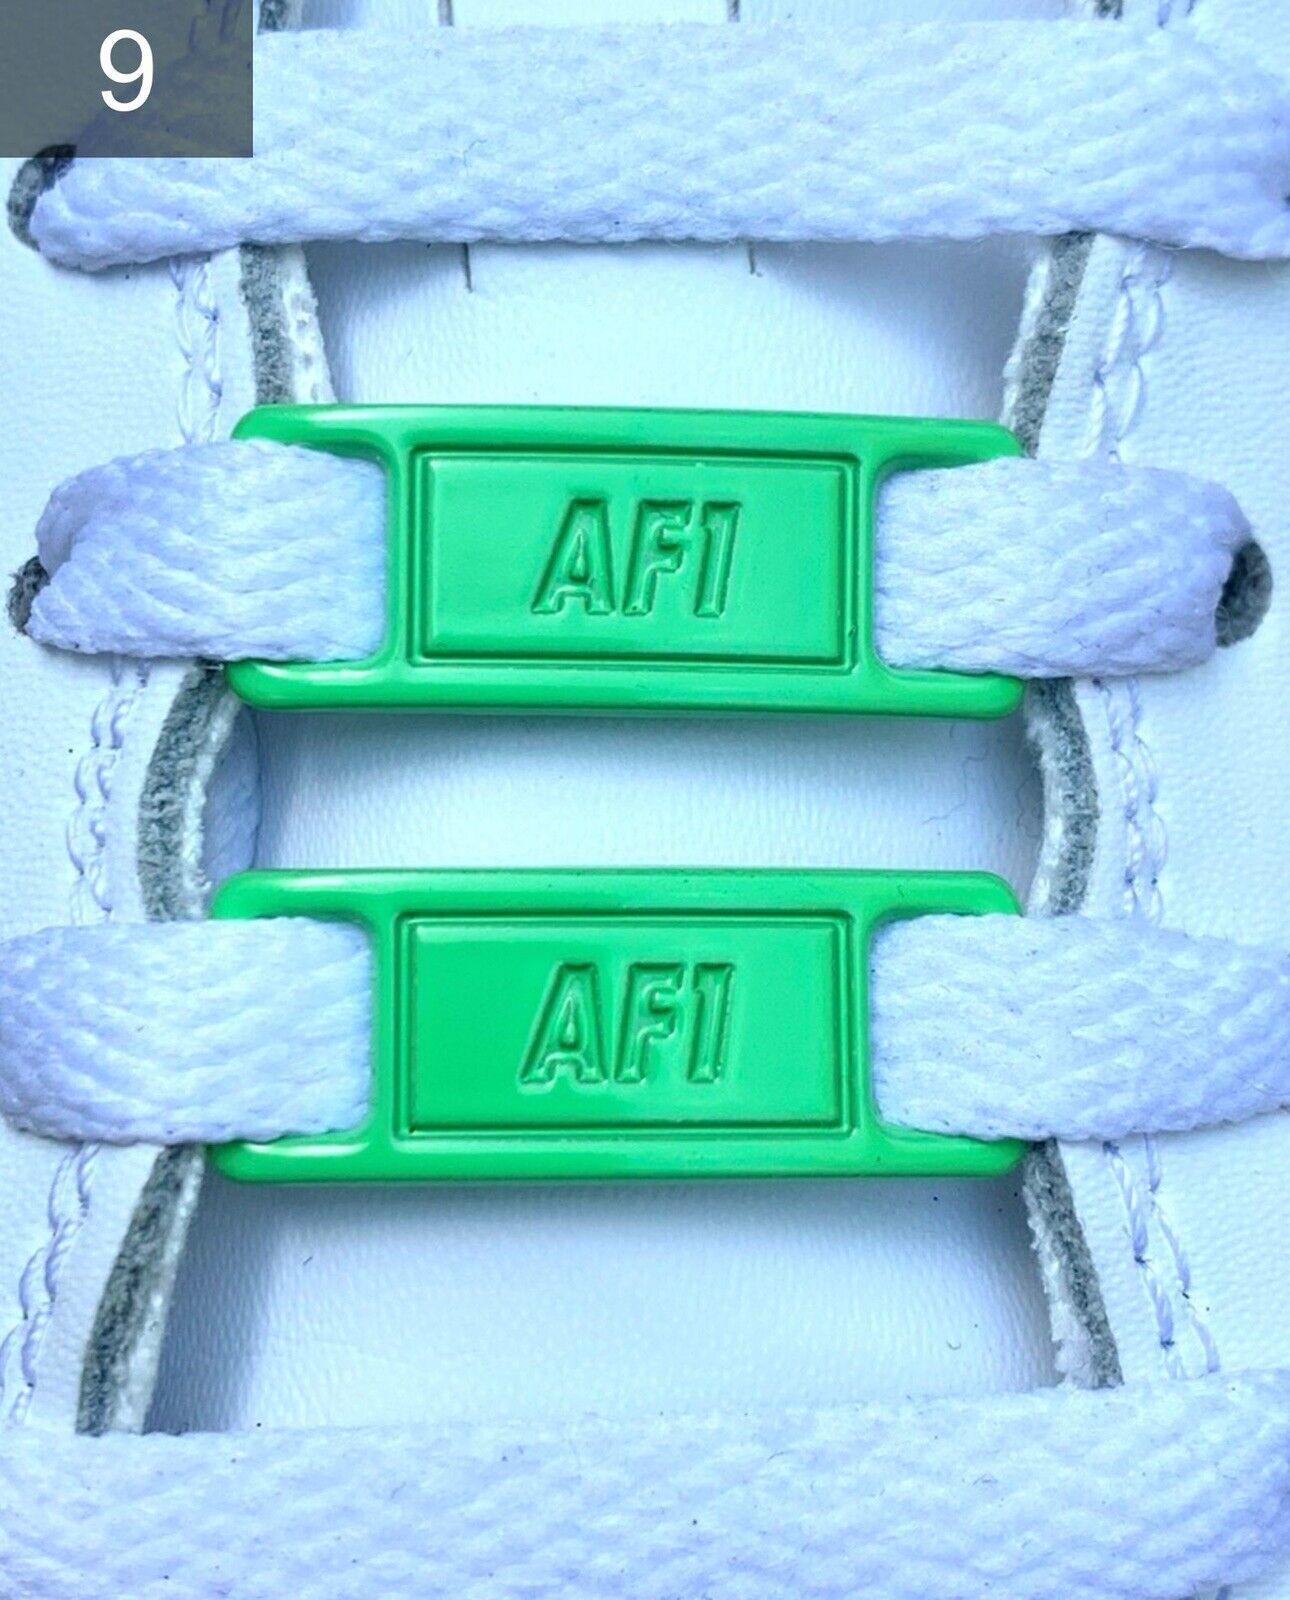 ❤ nuevas nike Air Force 1 hebillas accesorios Lace Locks Buckles verde 2 unid. ✅